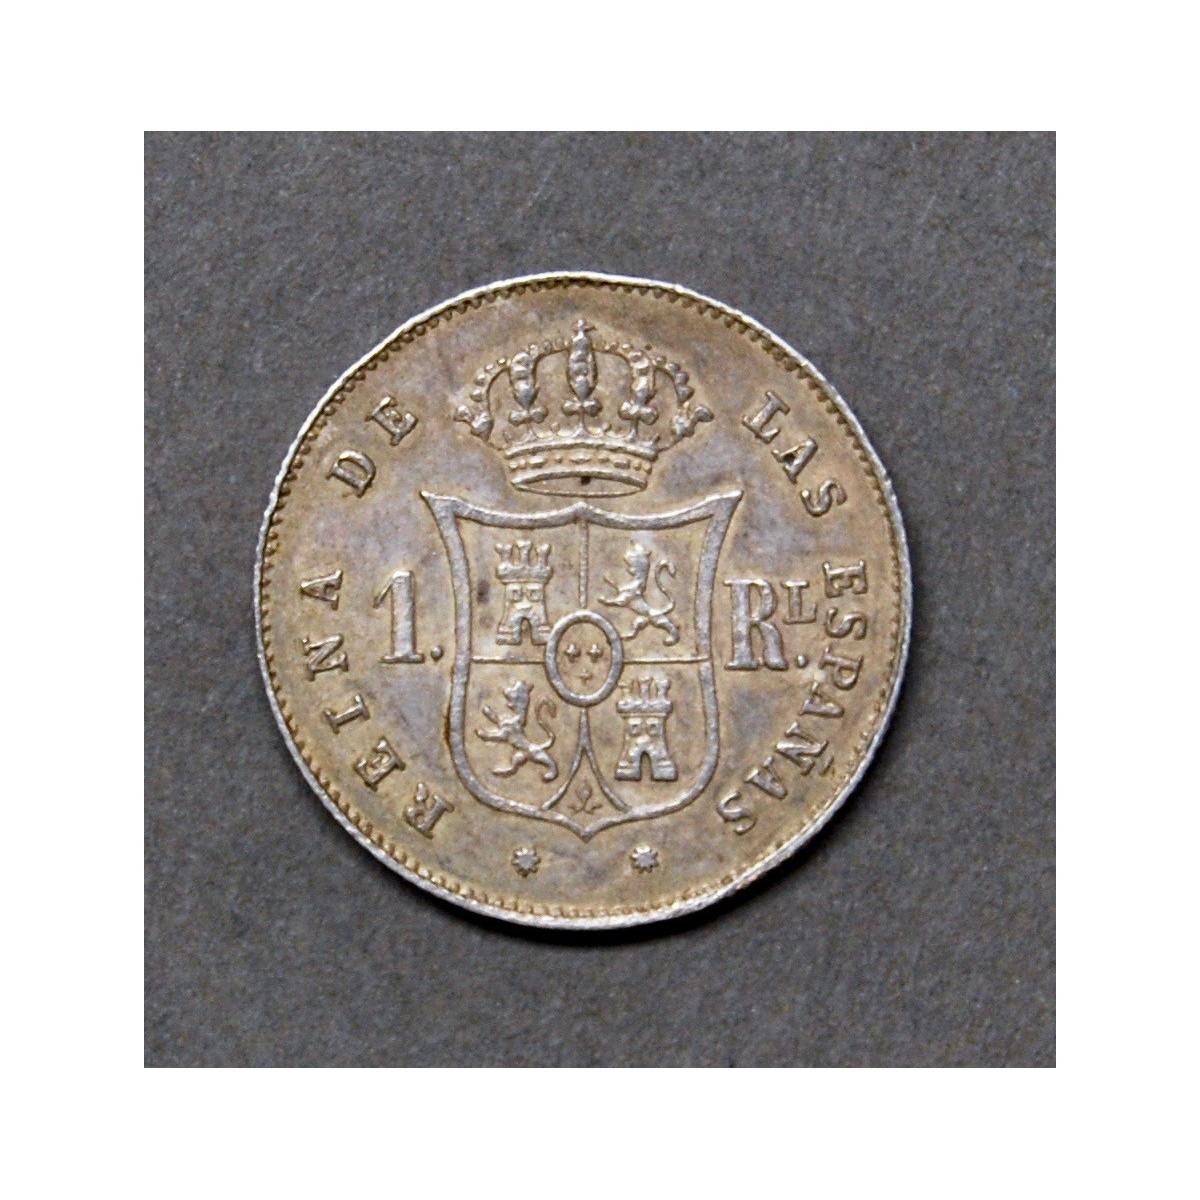 1 real de plata 1853, ceca de Barcelona